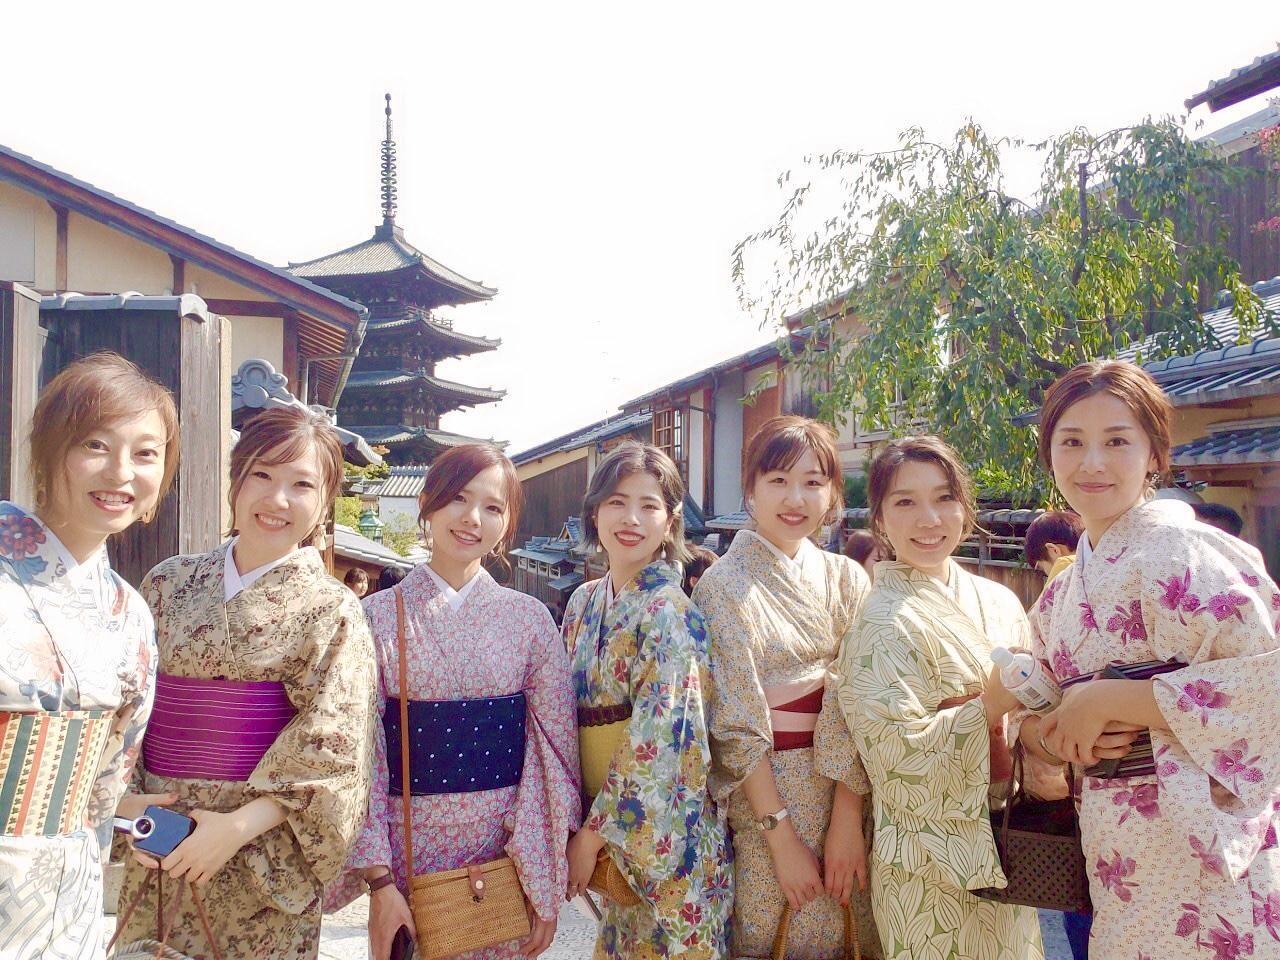 10周年で記念の京都旅行の様子です。